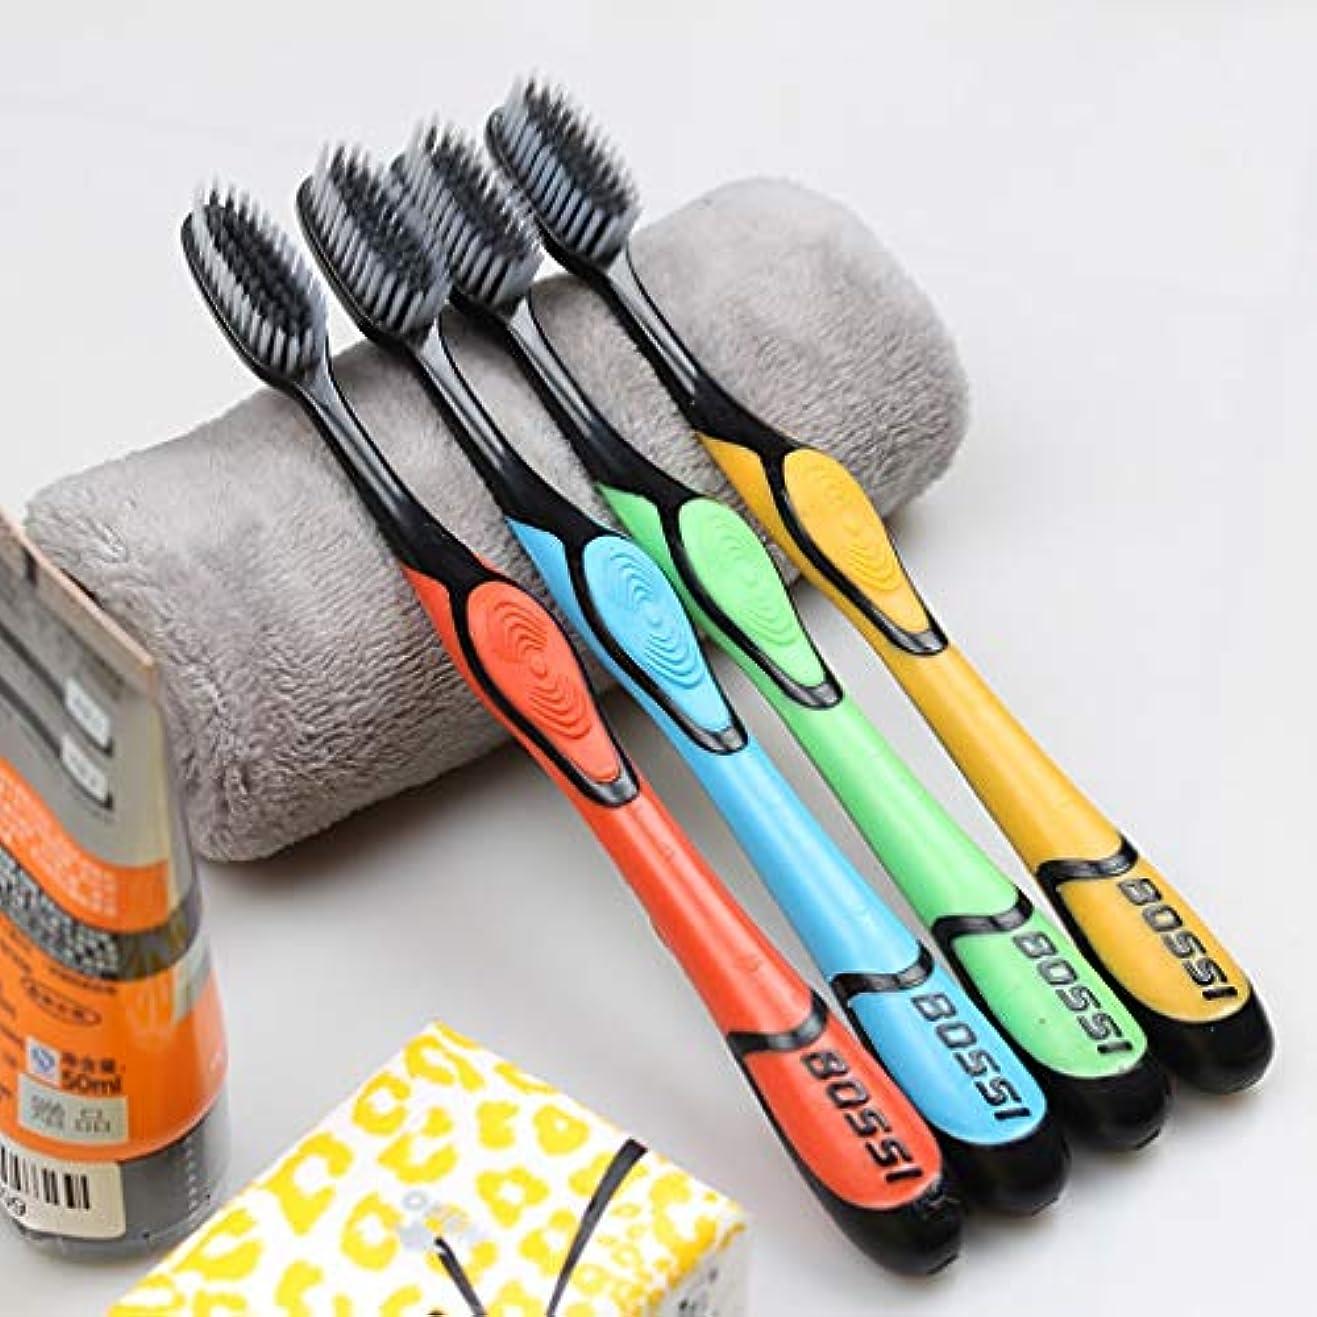 釈義スパン前部大人の竹炭の歯ブラシ、家族10本の棒、竹炭は効果的に口臭を取り除きます